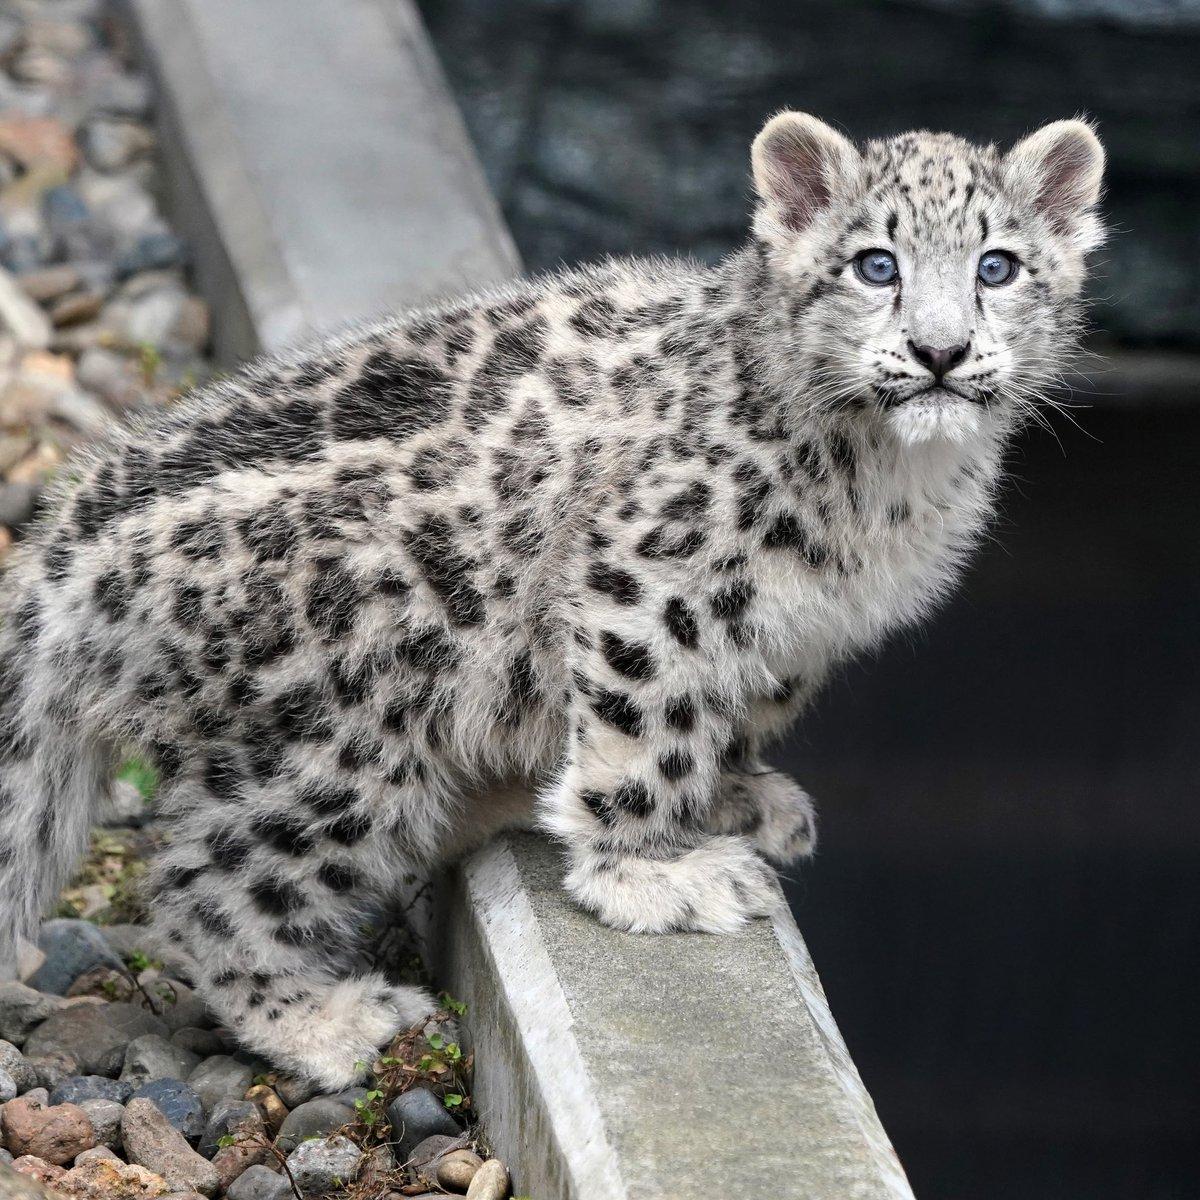 旭山動物園のユキヒョウのユーリちゃん。展示練習をしていた10月の頃の写真。整理して投稿しようと思っている間に、4月になってしまいました。この頃はまんま猫でした。 #ユキヒョウ #旭山動物園